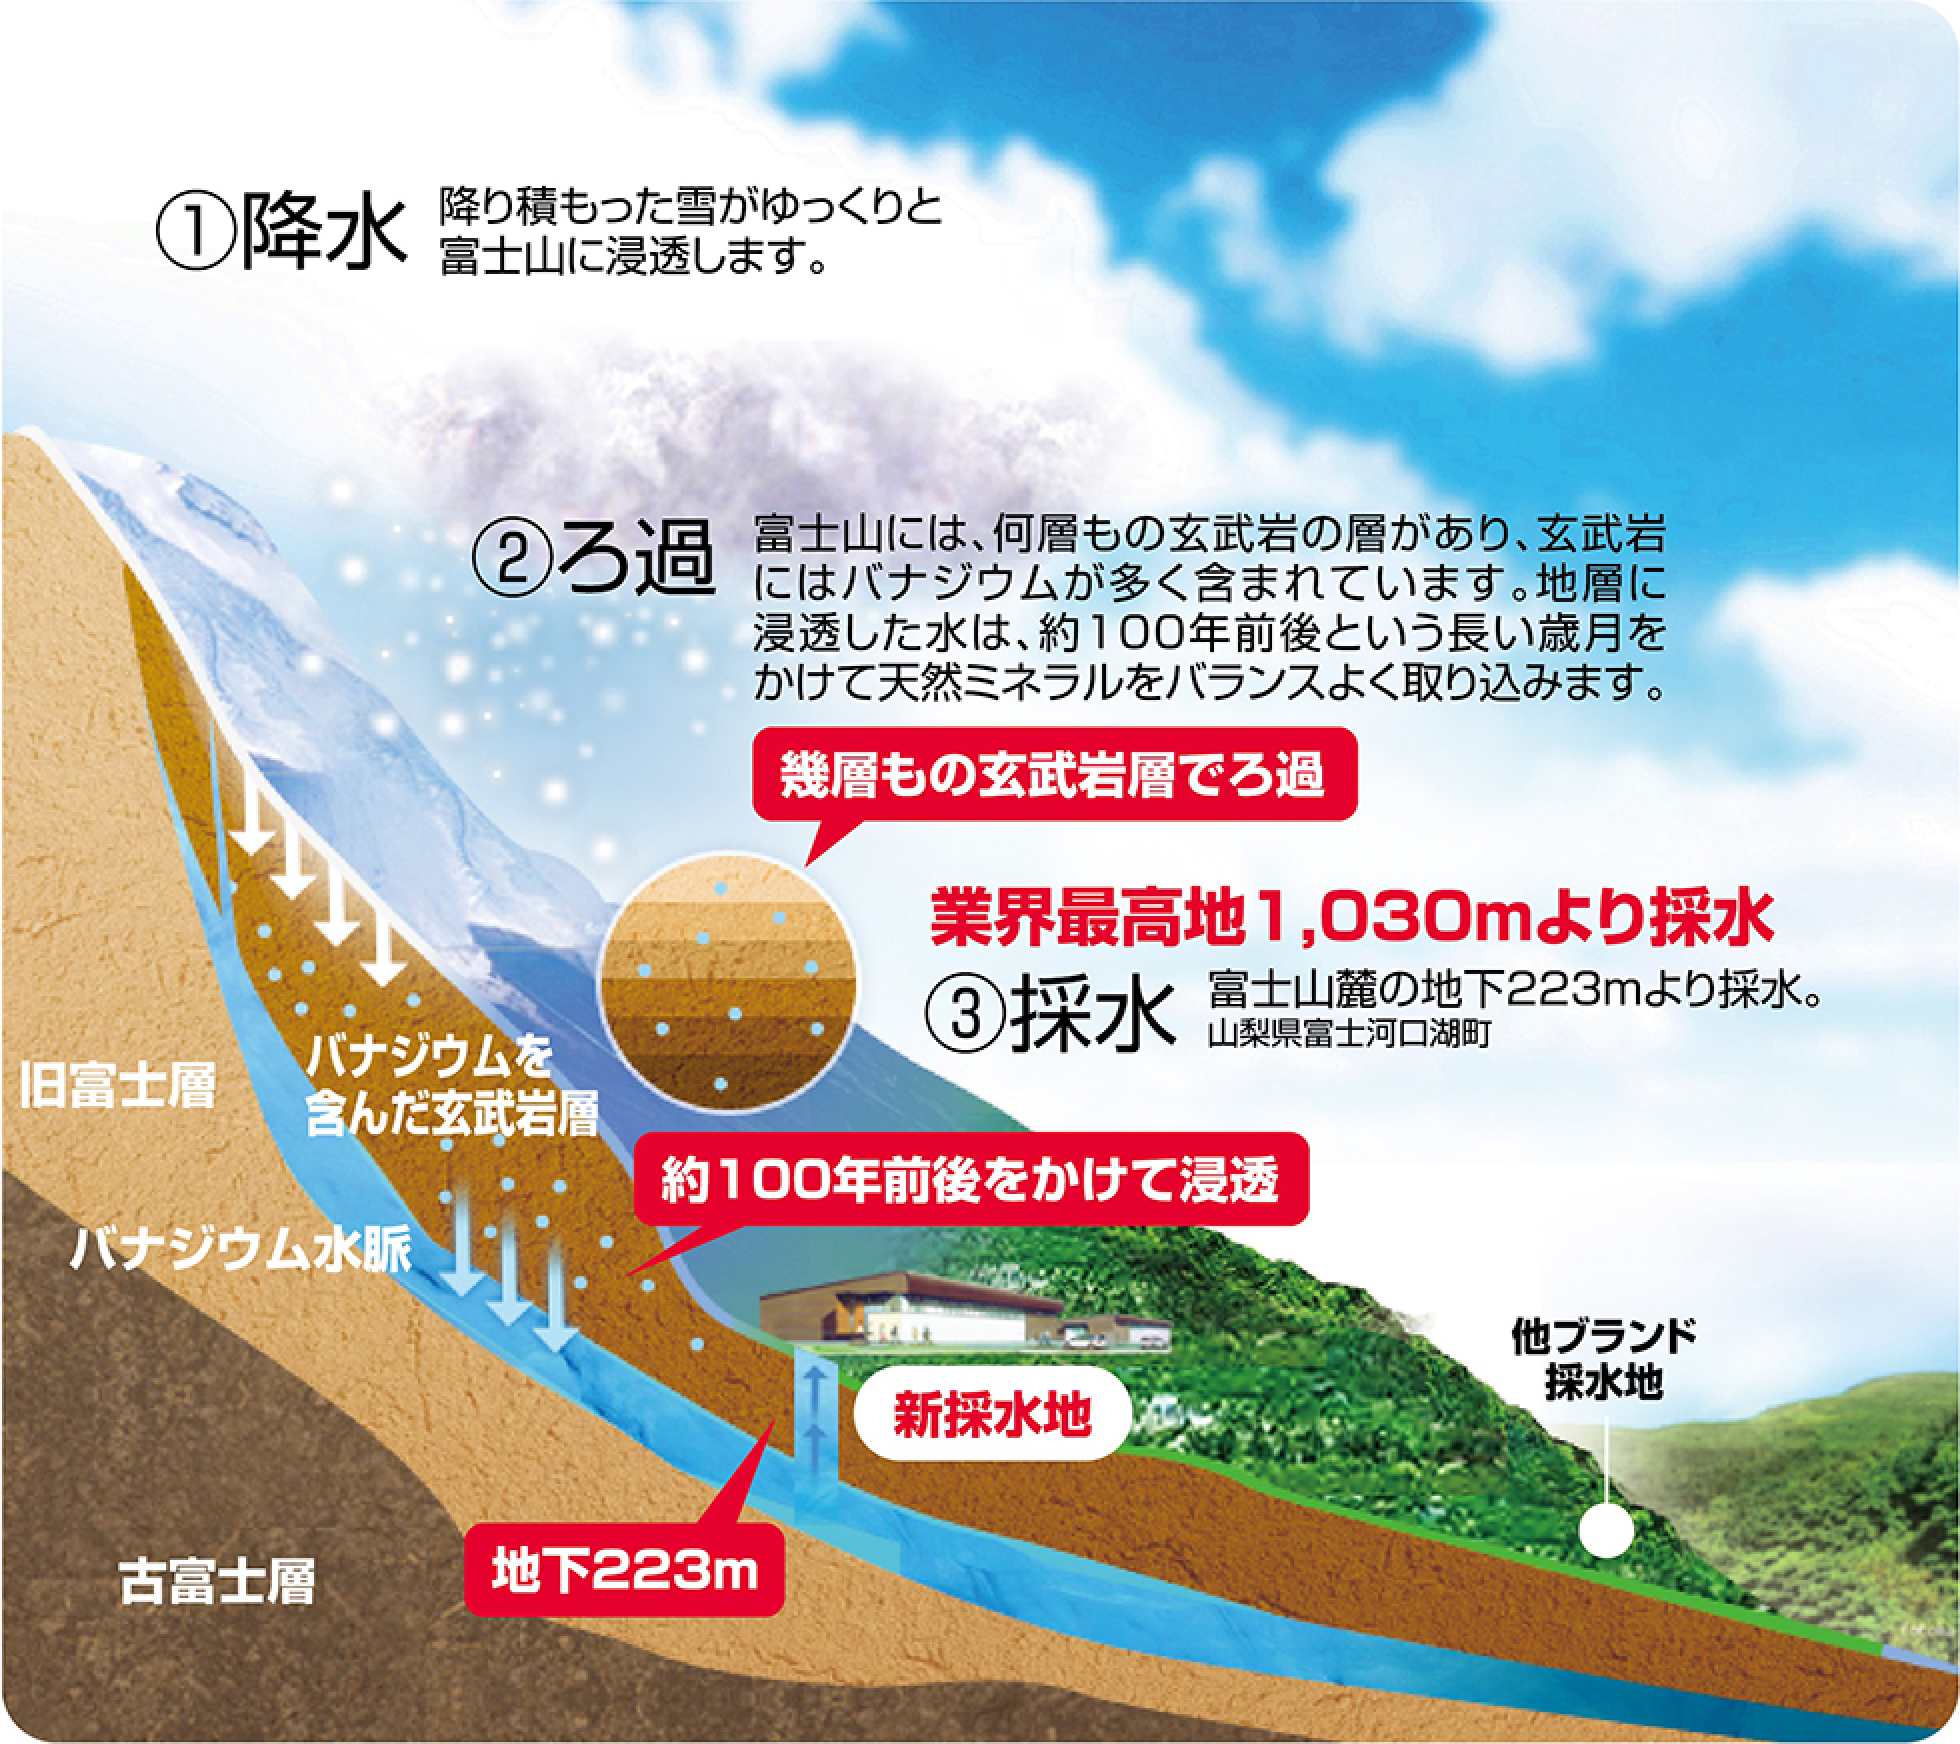 富士の天然水ができるまで